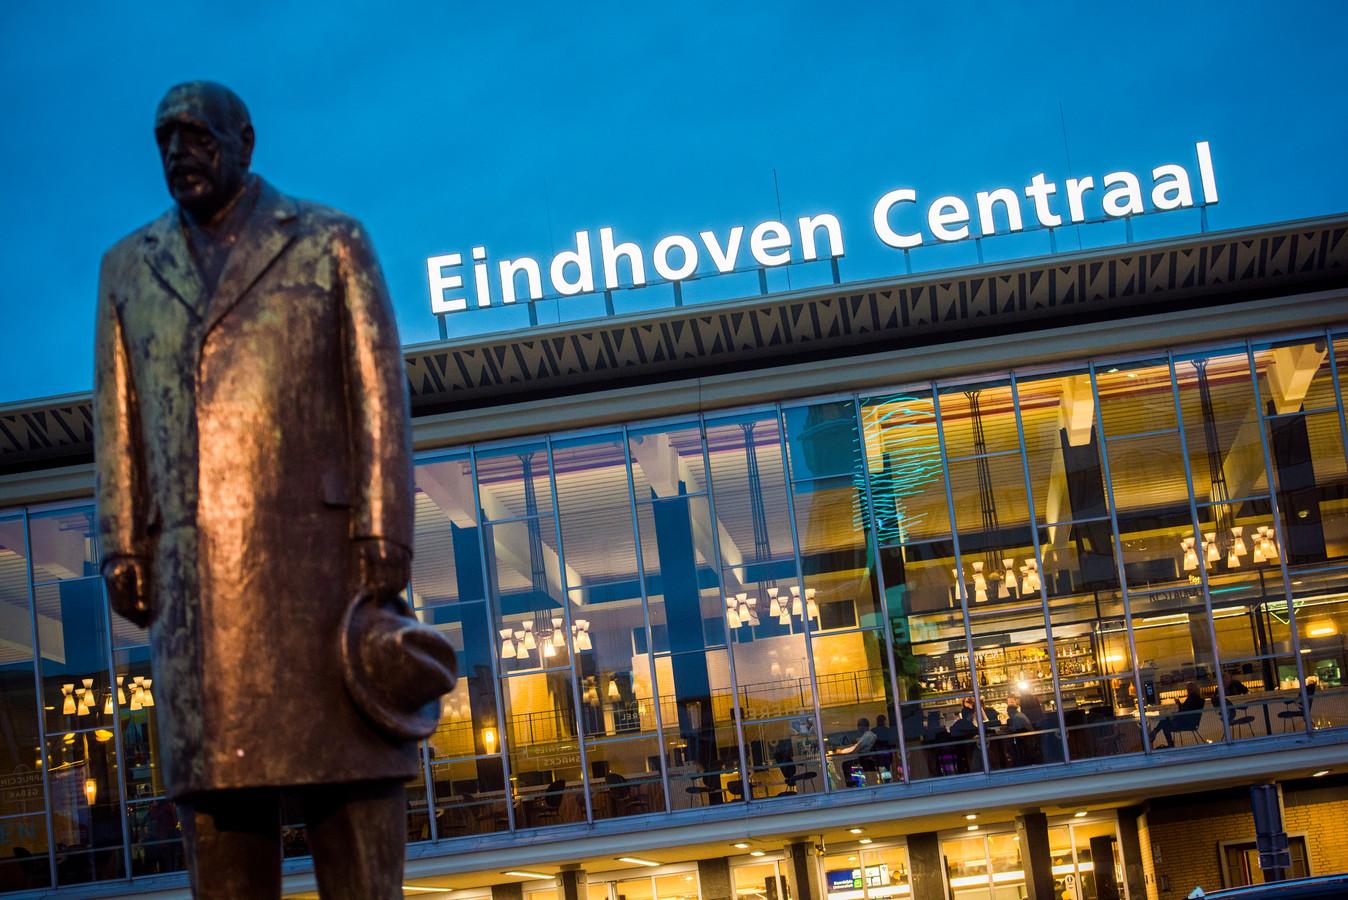 Het hoofdstation in Eindhoven heet voortaan Eindhoven Centraal.